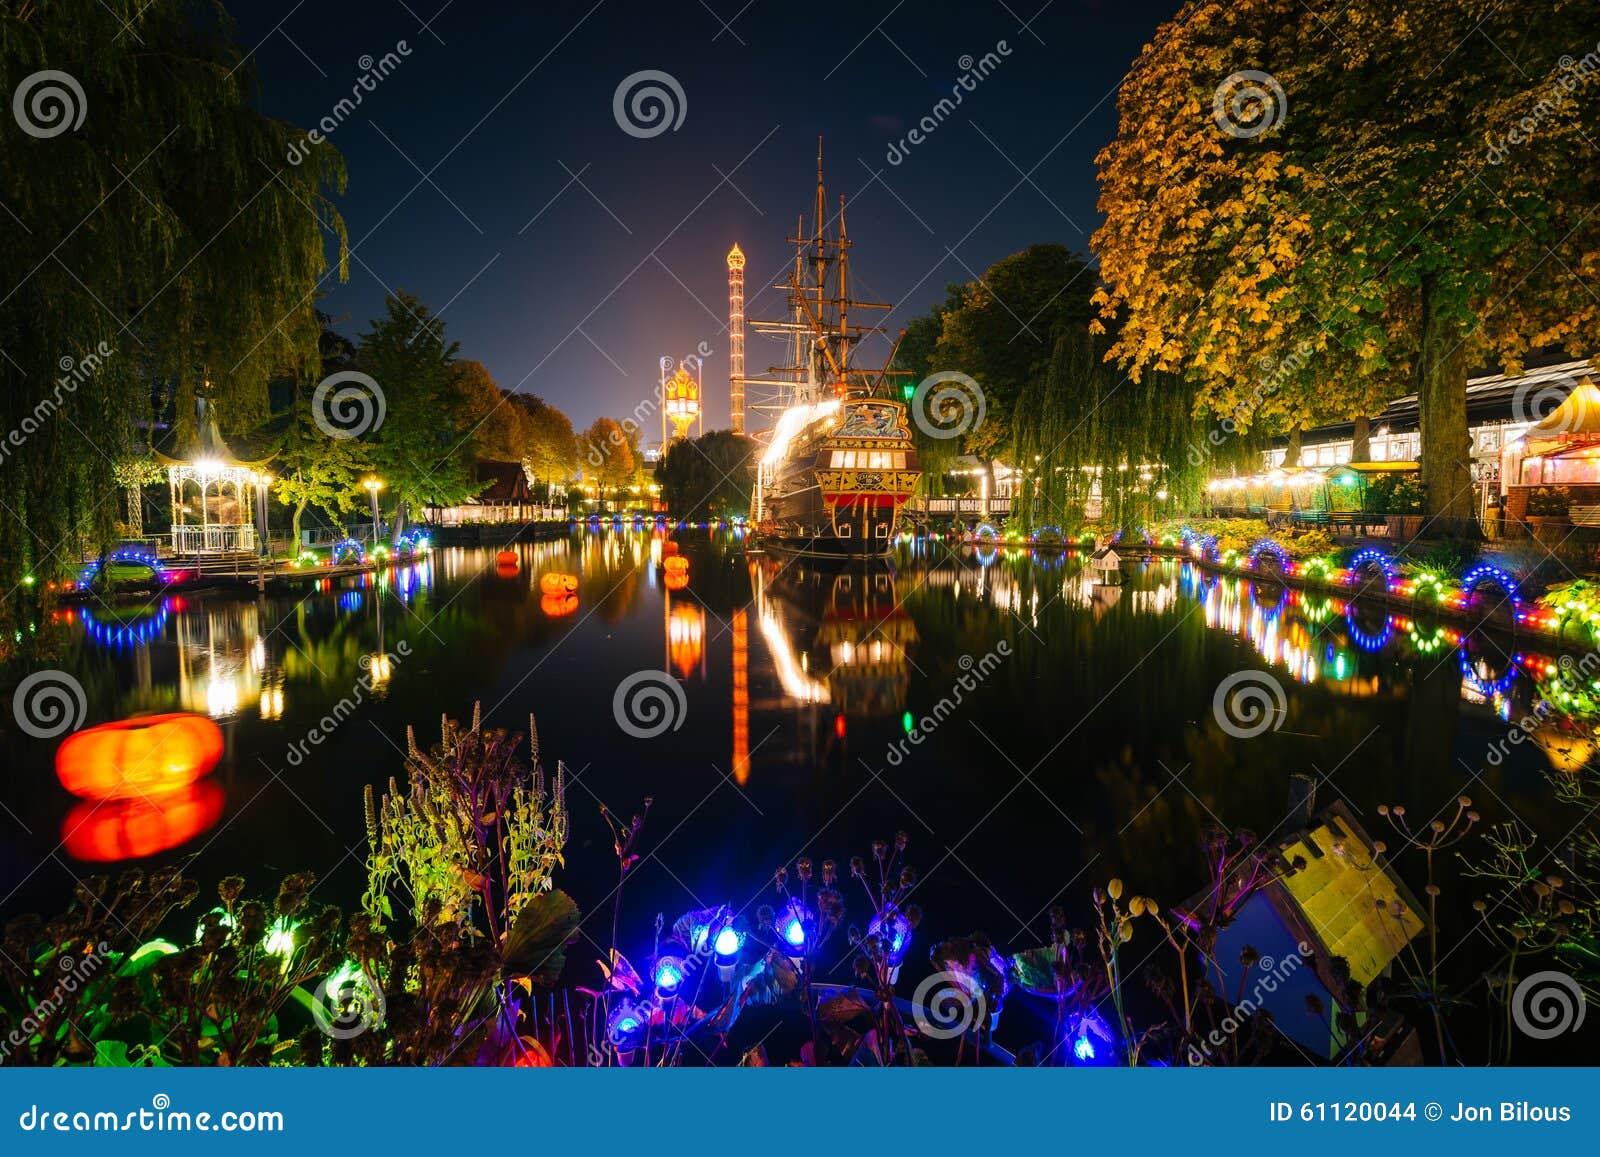 o lago em jardins de tivoli na noite em copenhaga dinamarca - Jardins De Tivoli